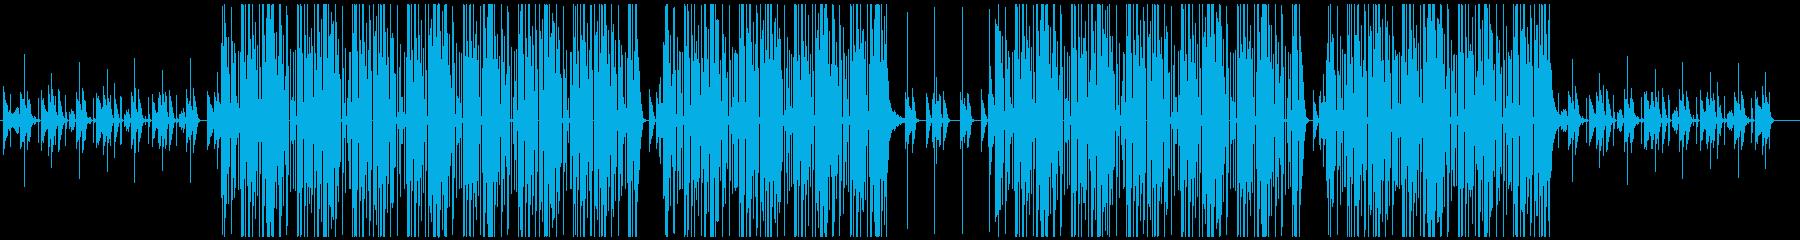 ヒップホップ、ローファイ、トラップ♪の再生済みの波形